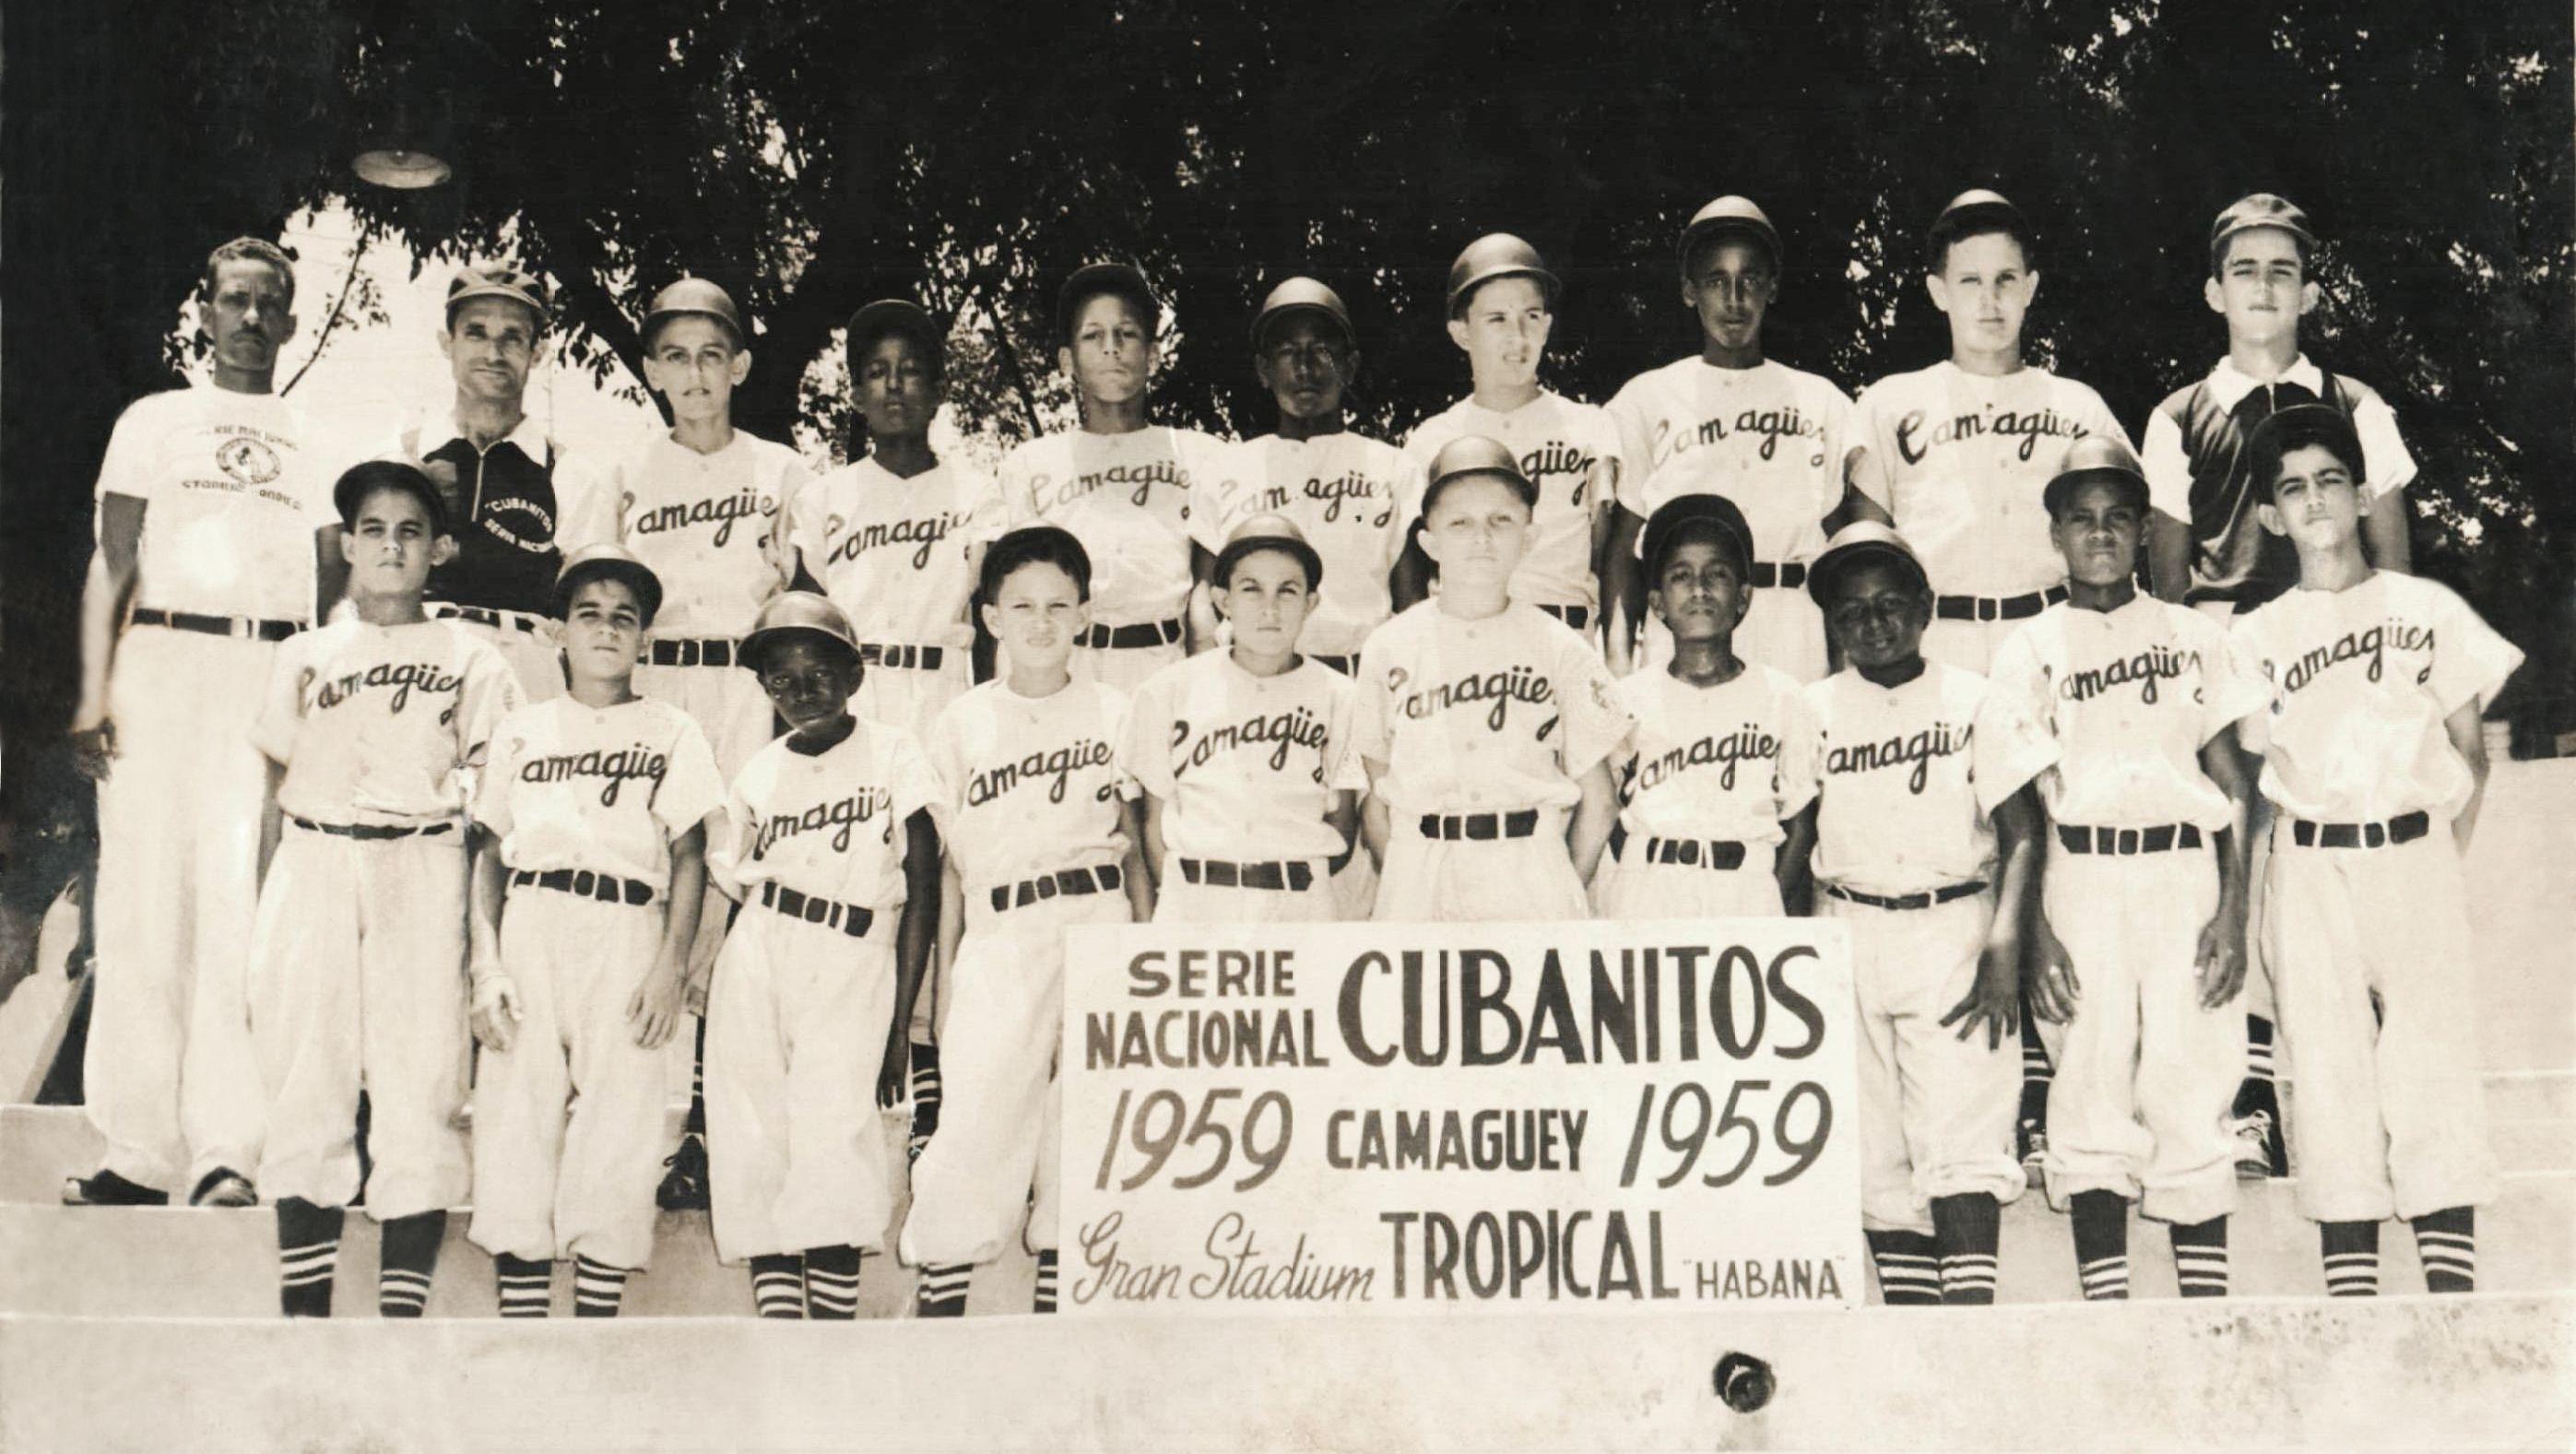 Equipo Banco Pedroso que ganó la Serie Nacional Cubanitos en 1959. Foto: Cortesía de Rafael Rosendiz